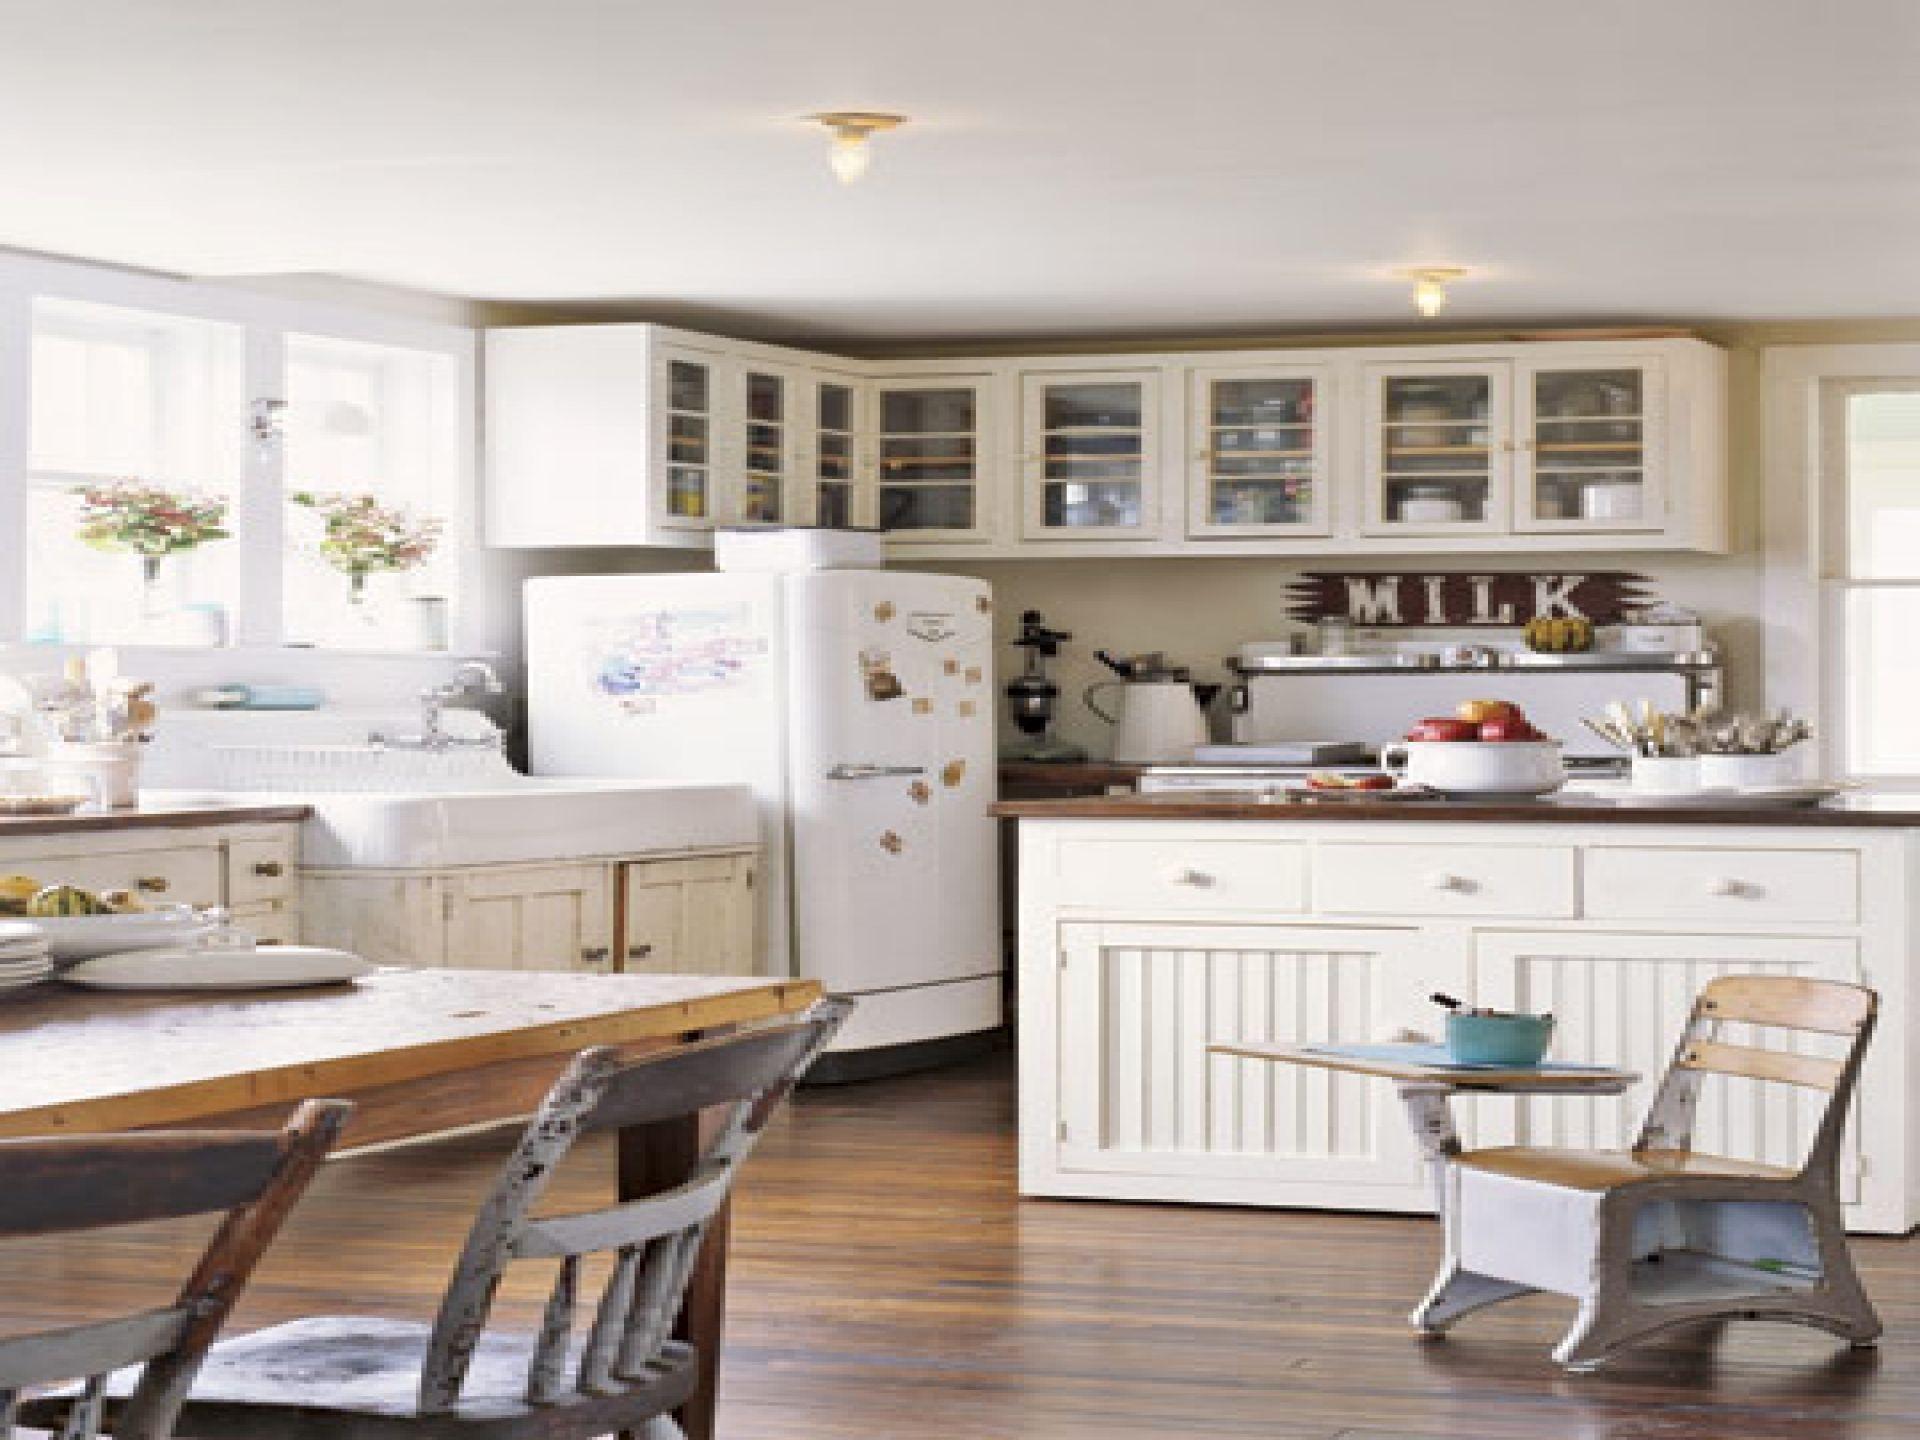 Küchenideen bauernhaus  beeindruckende licht küche dekor stil   möbel  pinterest